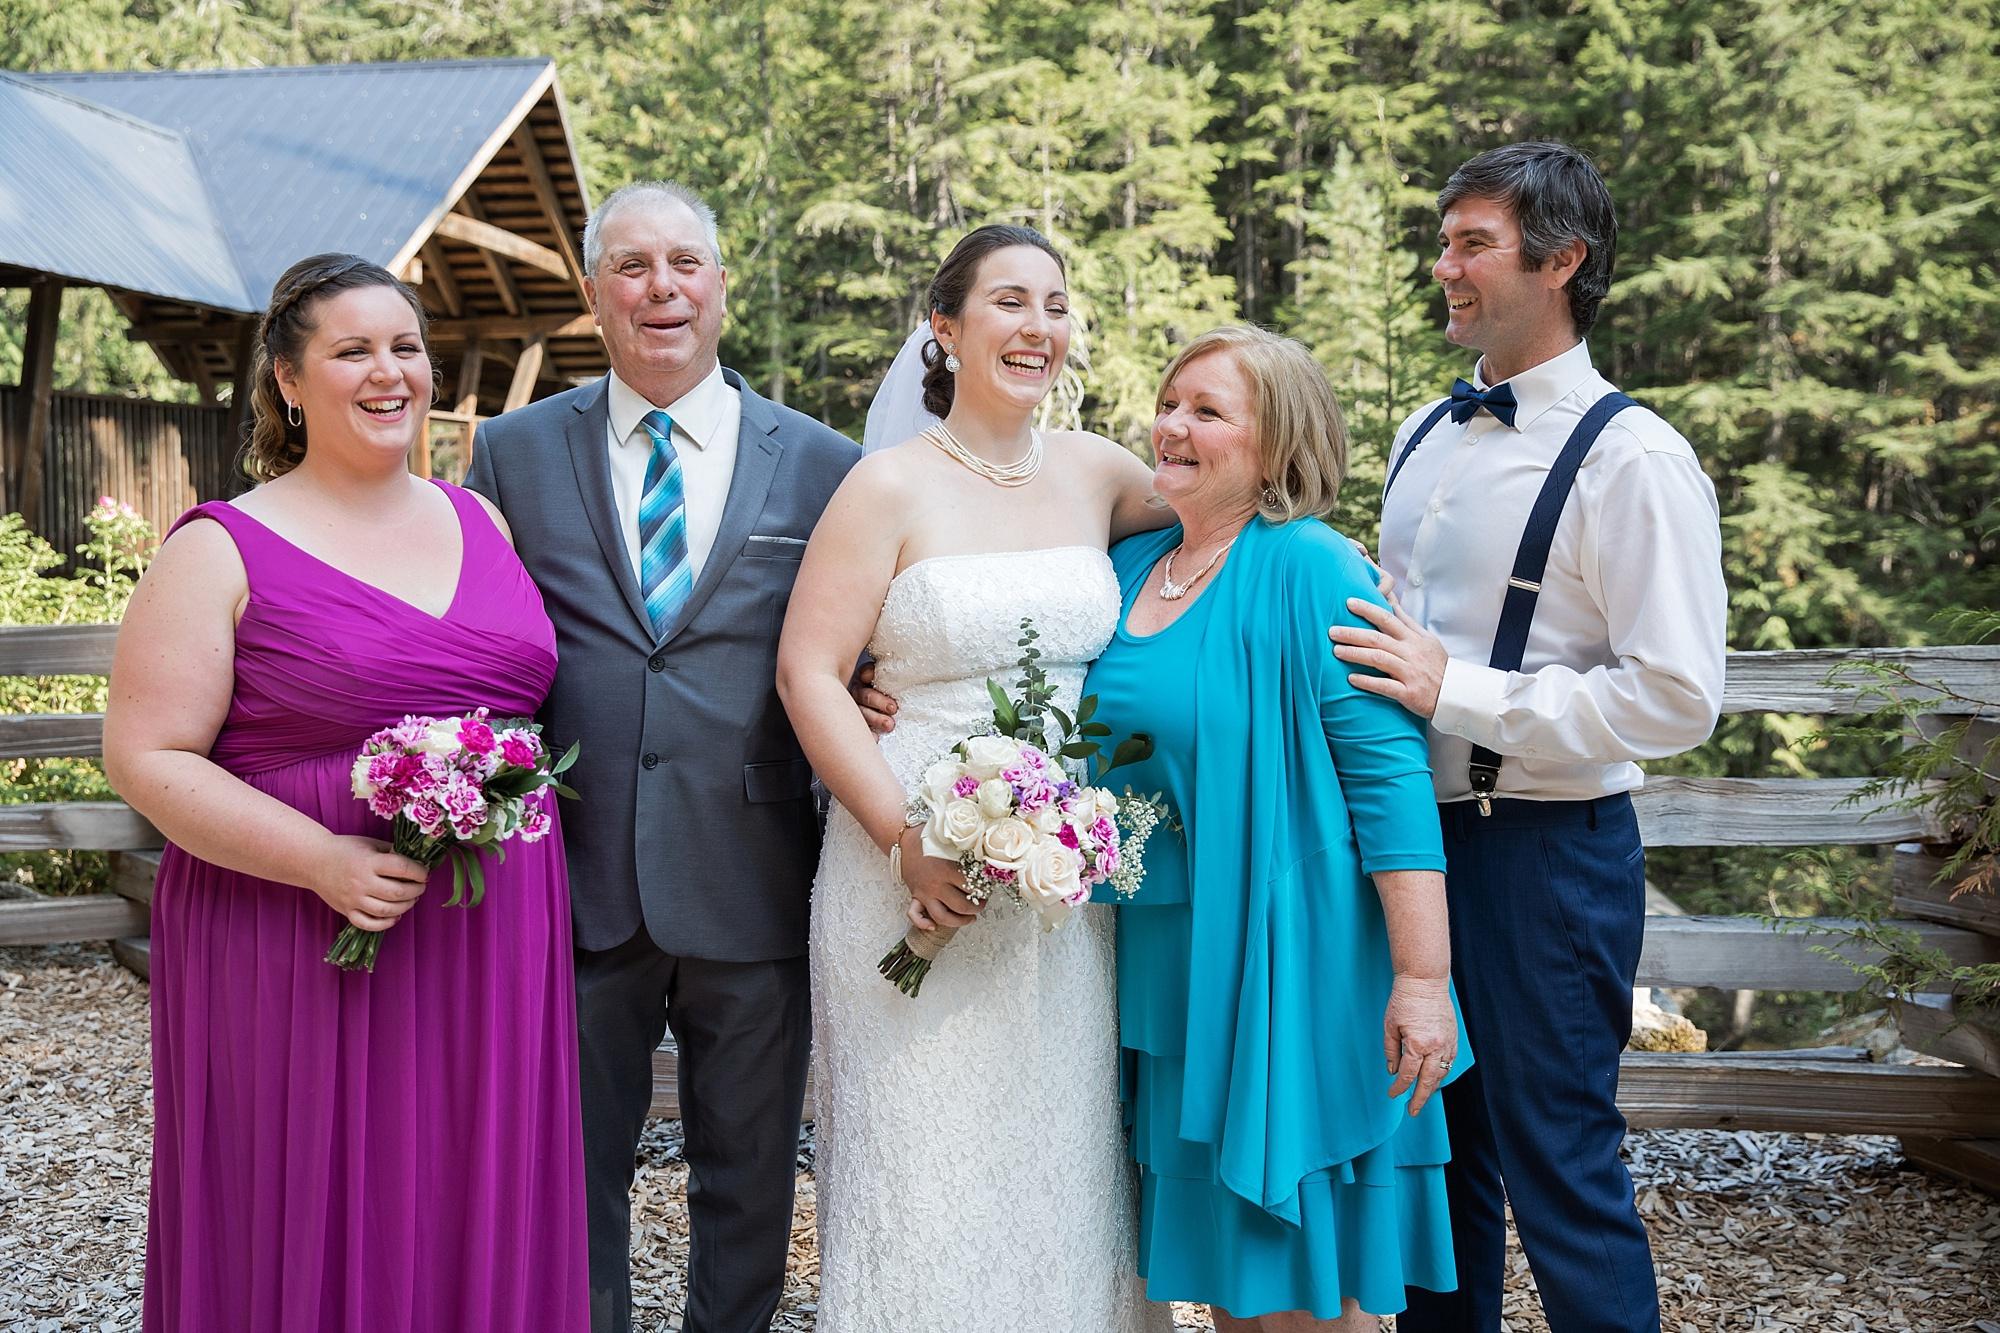 nakusp-wedding-photographer_0035.jpg